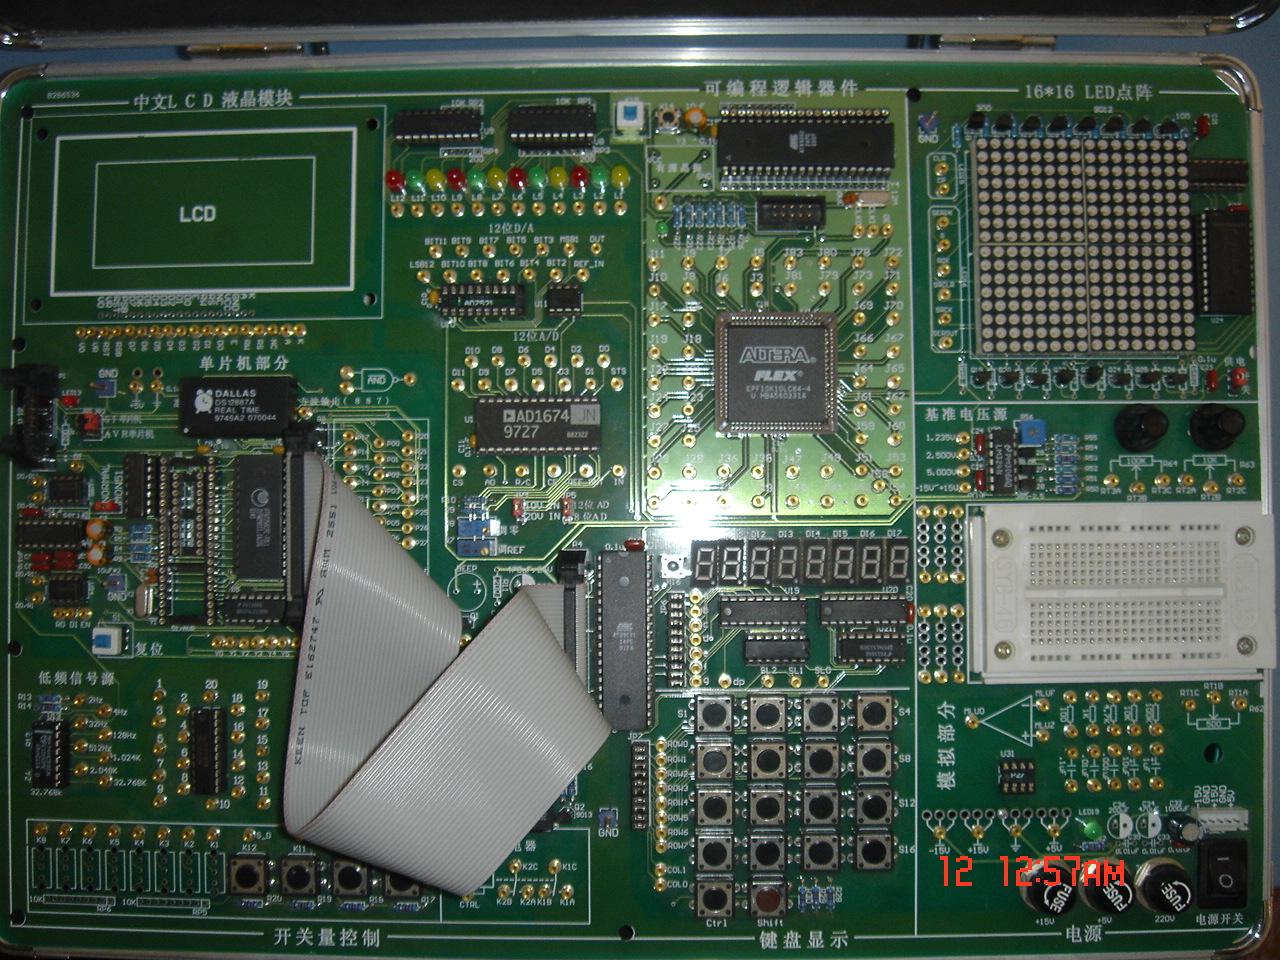 电路板 平面图 1280_960